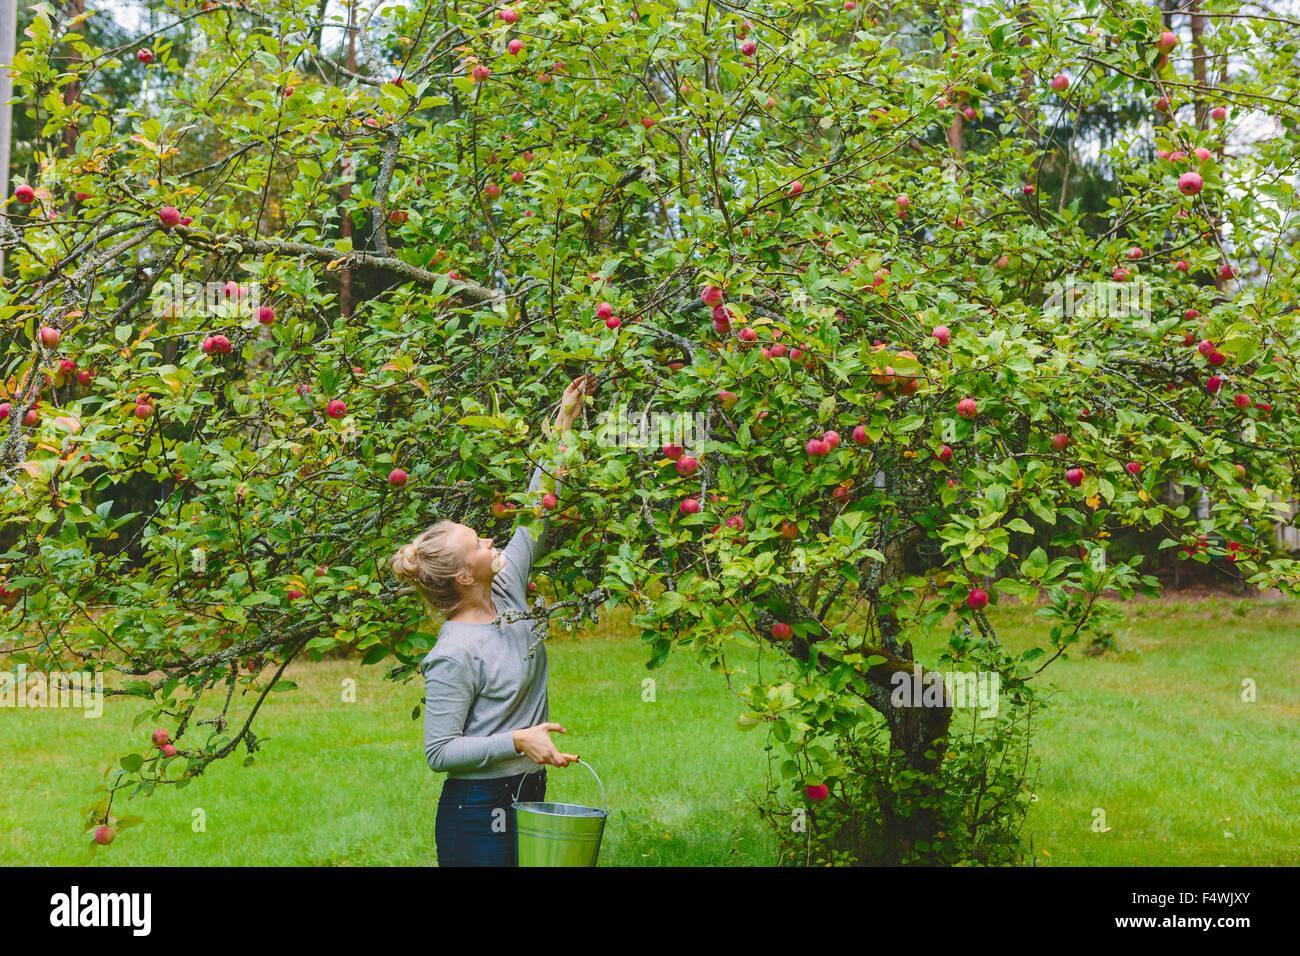 Finlandia, Uusimaa, Sipoo, mujer recogiendo manzanas del árbol Foto de stock